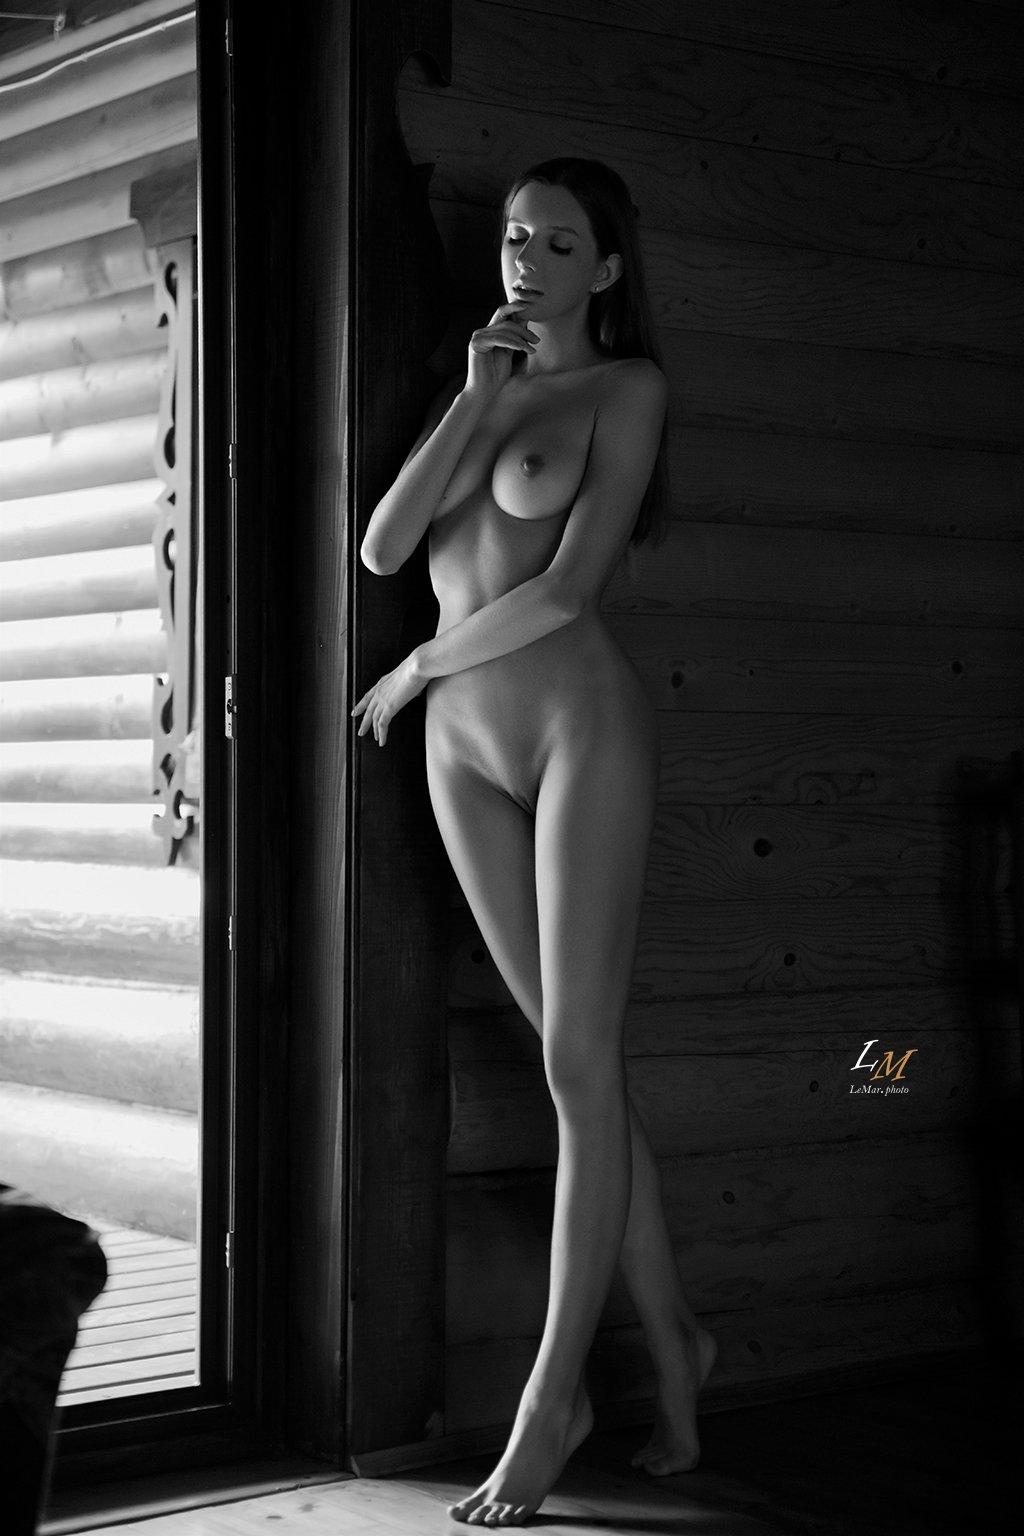 ню, чб, свет, ню фотограф, москва, фотограф, Маркачев Леонид